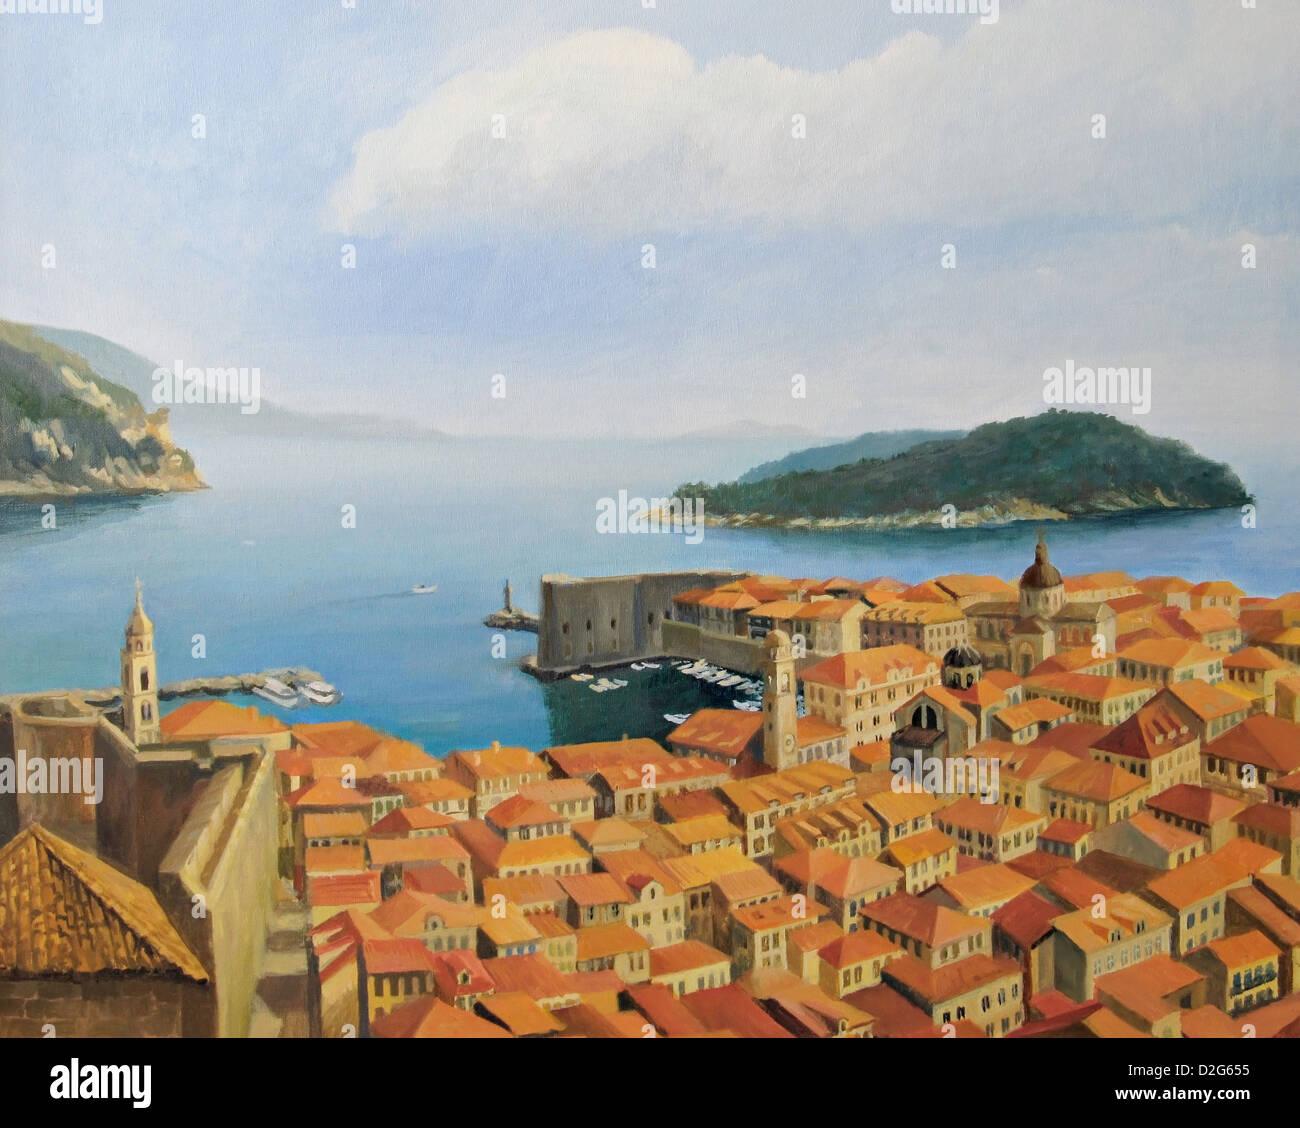 Un óleo sobre lienzo de una hermosa vista panorámica desde el punto más alto de la muralla de la Imagen De Stock